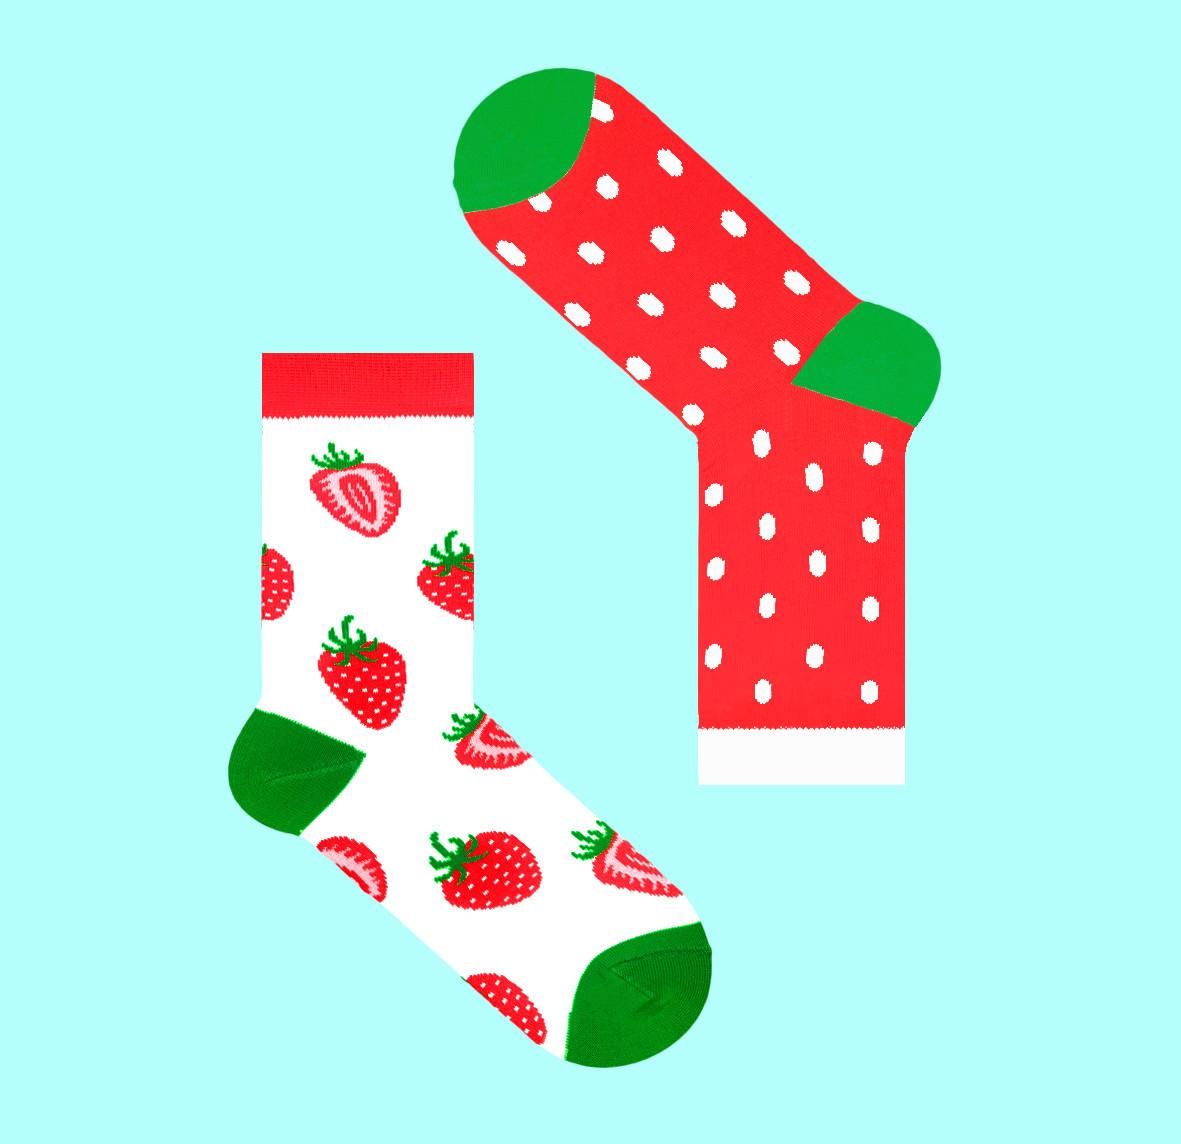 Яркие разнопарные носки с рисунком клубники